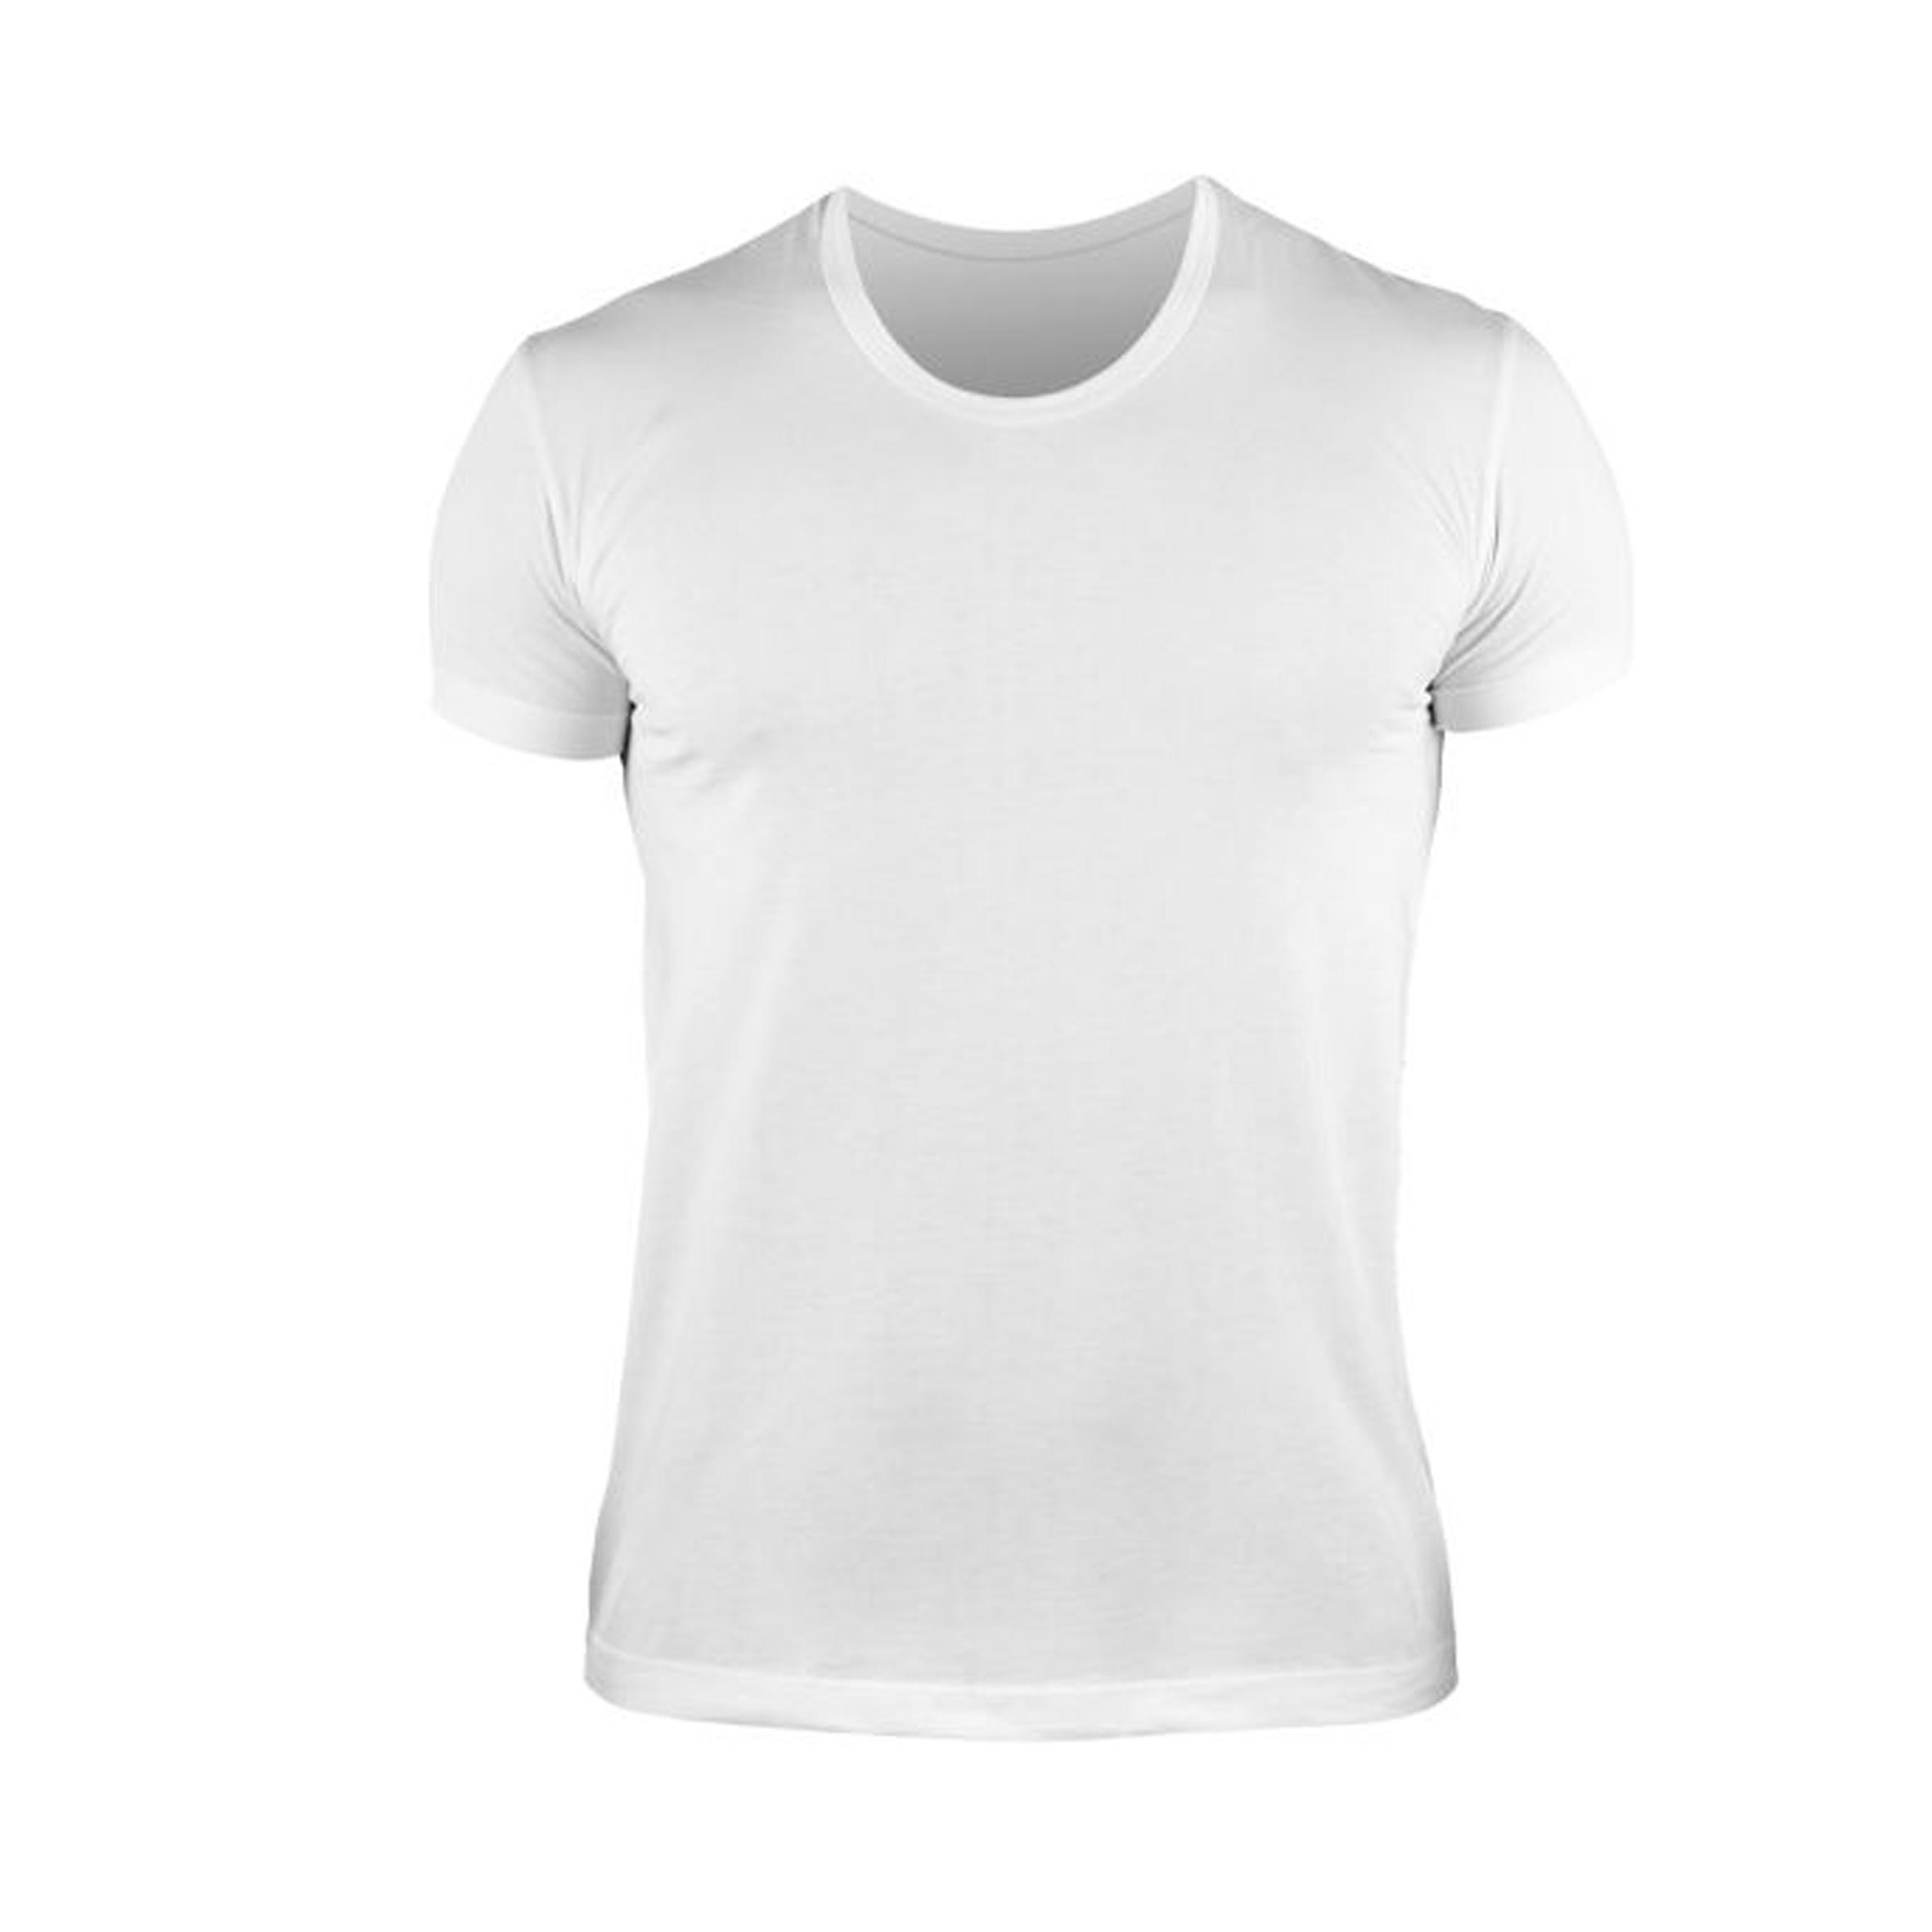 زیرپوش آستین دار مردانه کیان تن پوش مدل KL 1400